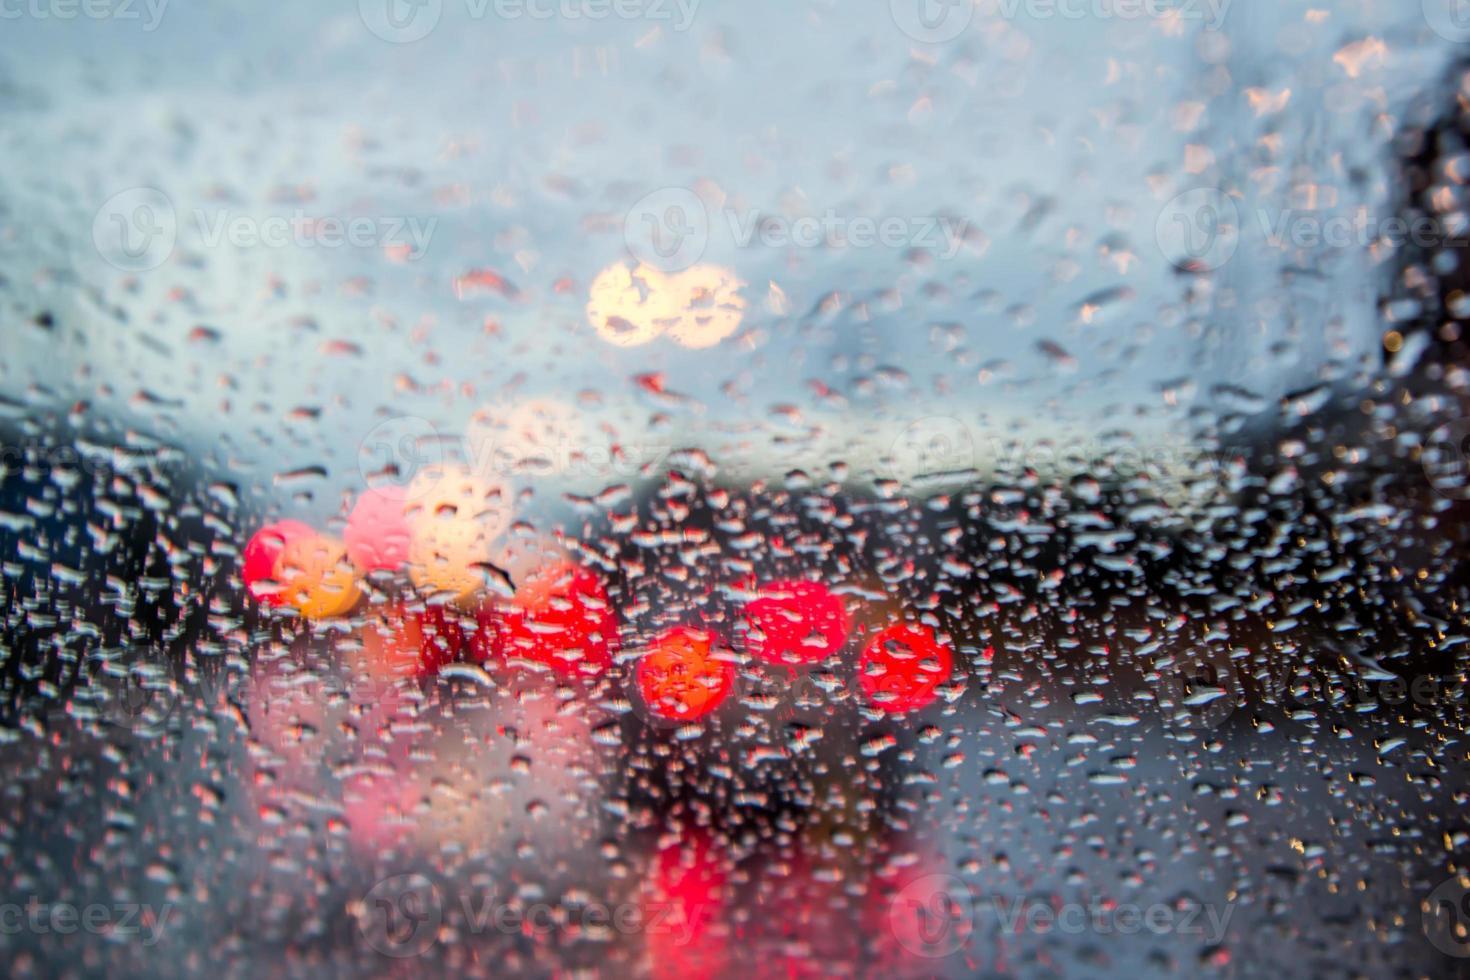 suddig bild av trafikvy genom en bil vindruta foto